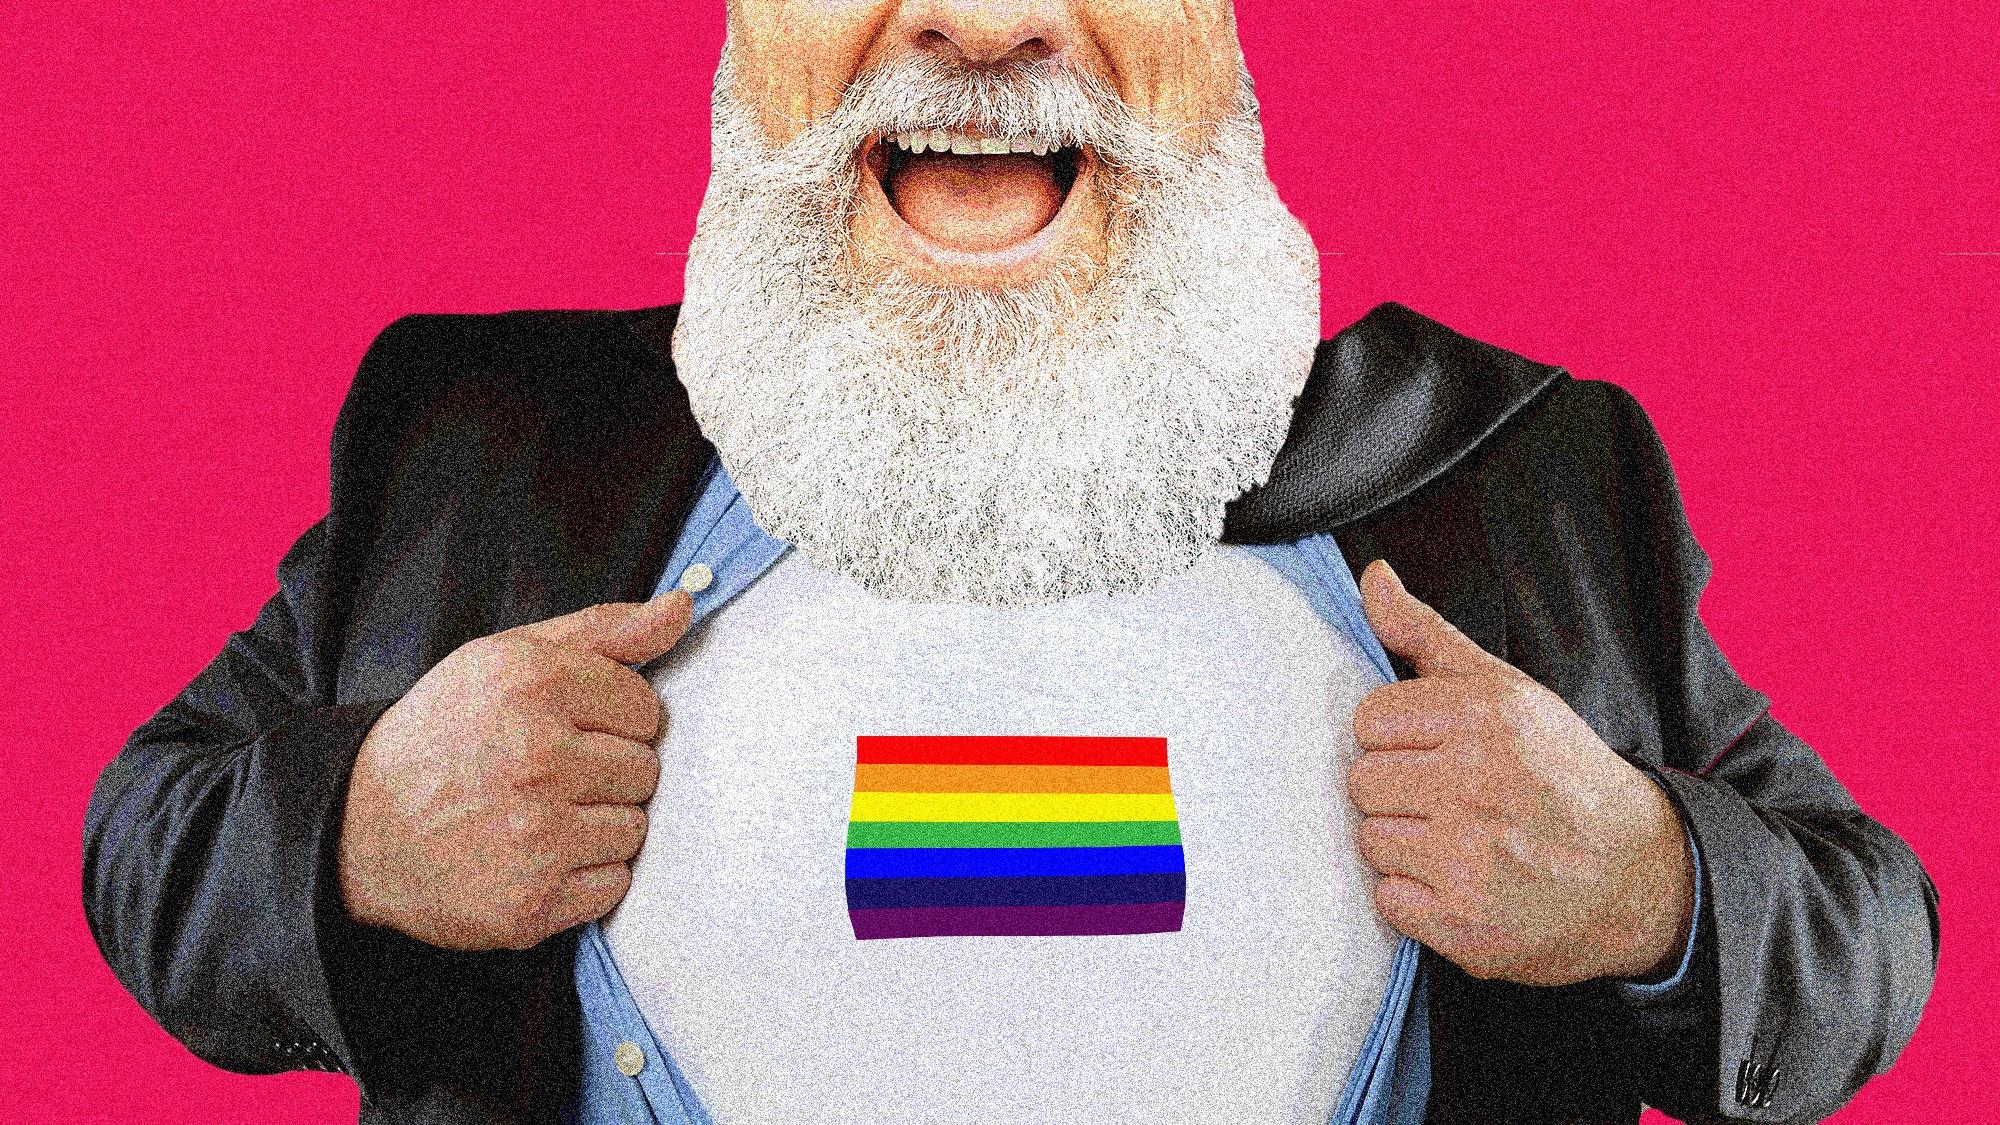 LGBTQ5